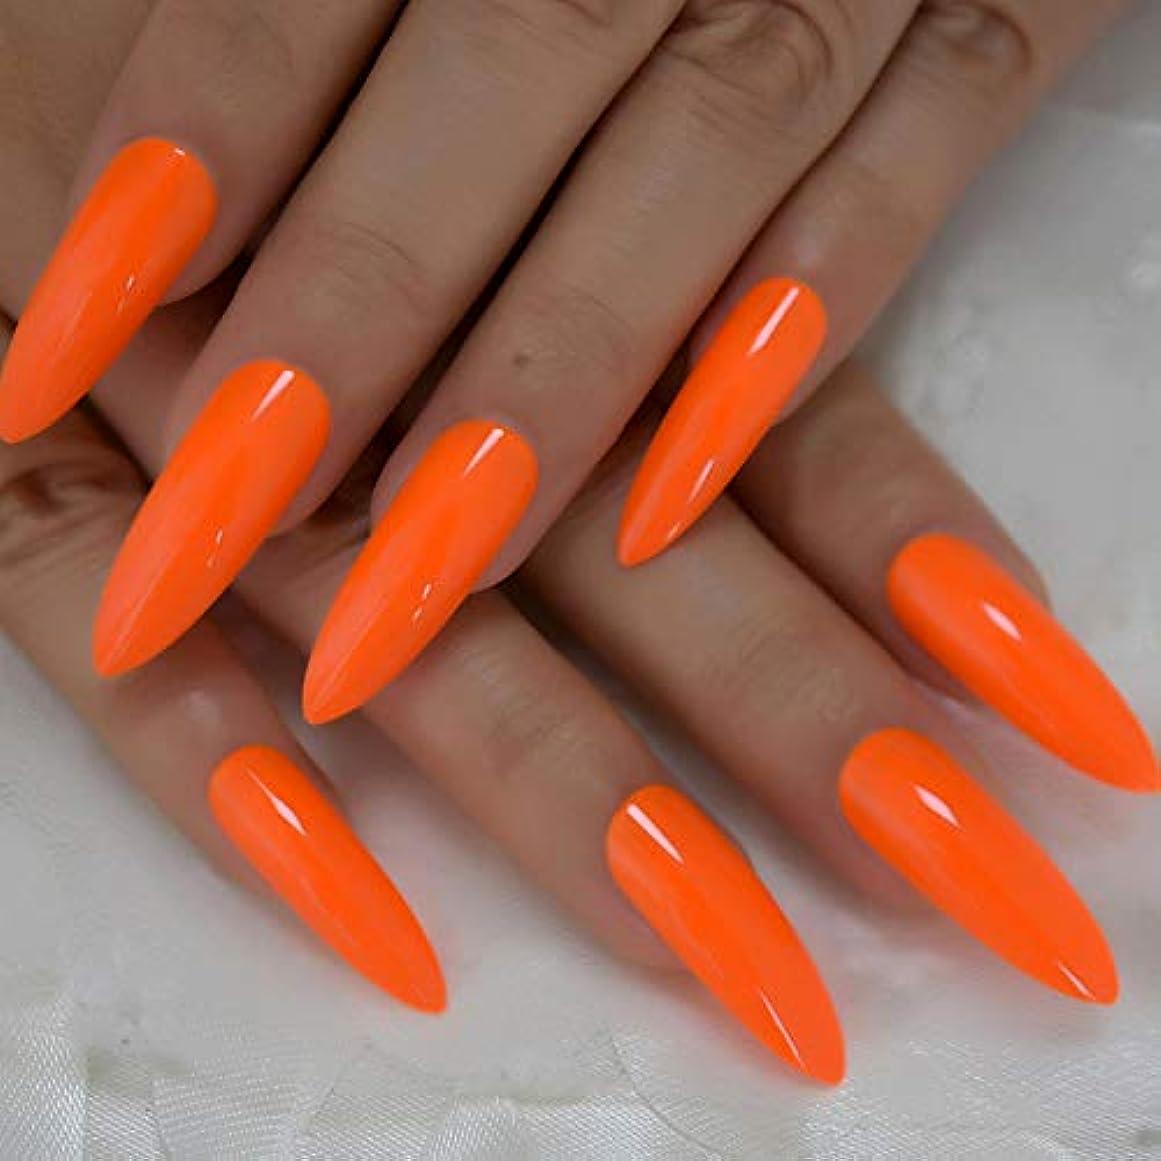 望ましい石些細XUTXZKA 偽の爪爪のデコレーションマニキュアのヒントの非常に長いオレンジ色の光沢のあるプレス爪24